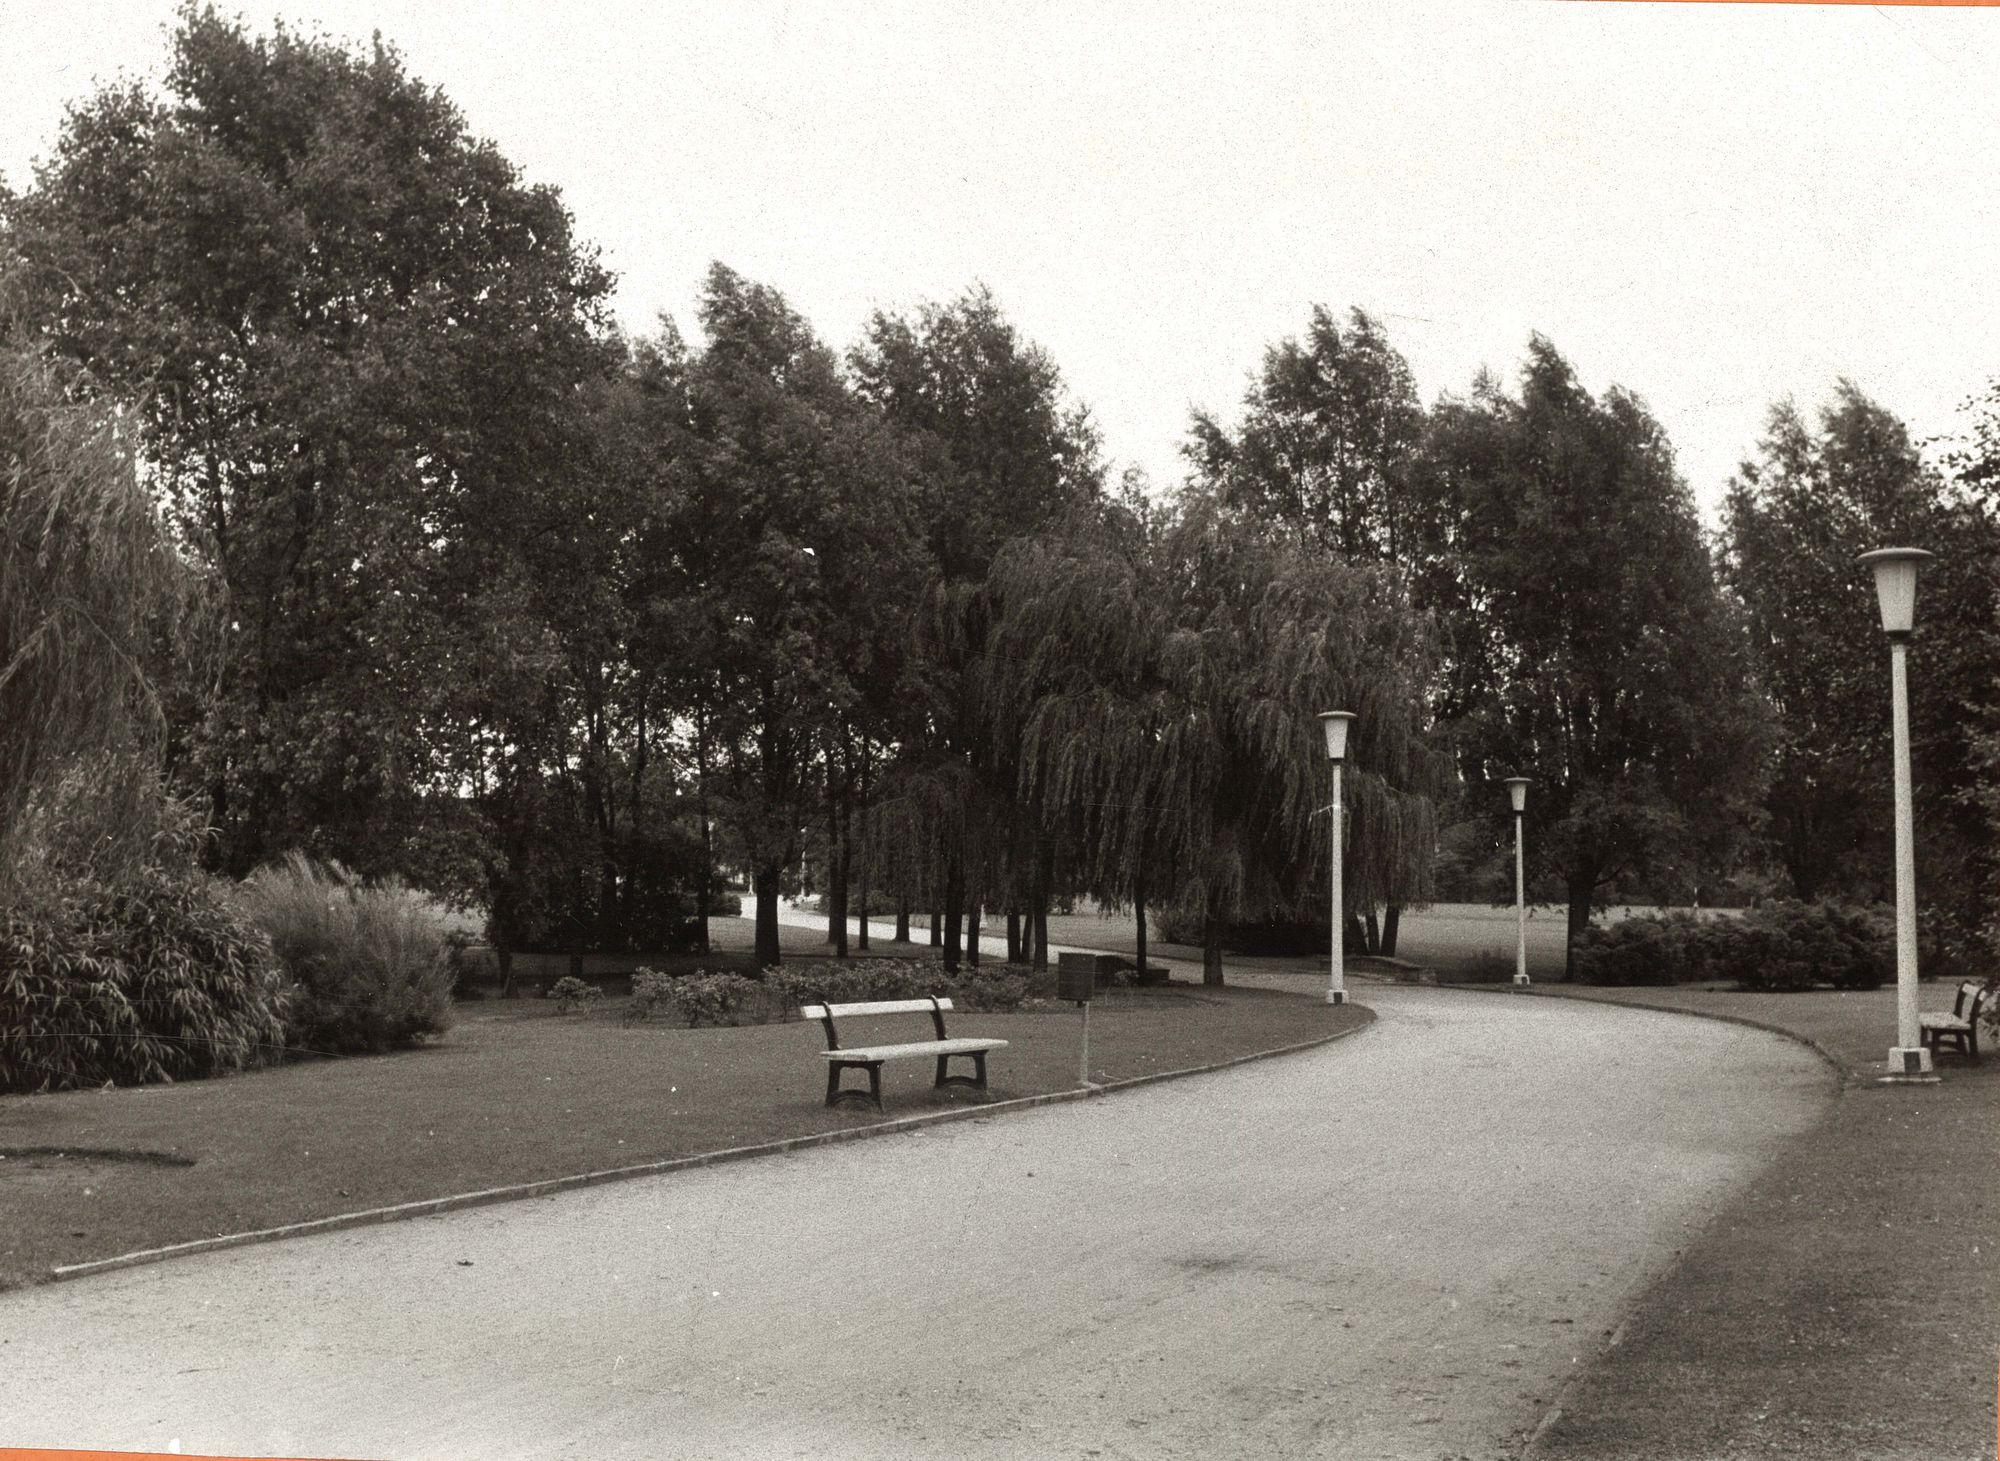 Park De Blauwe Poort